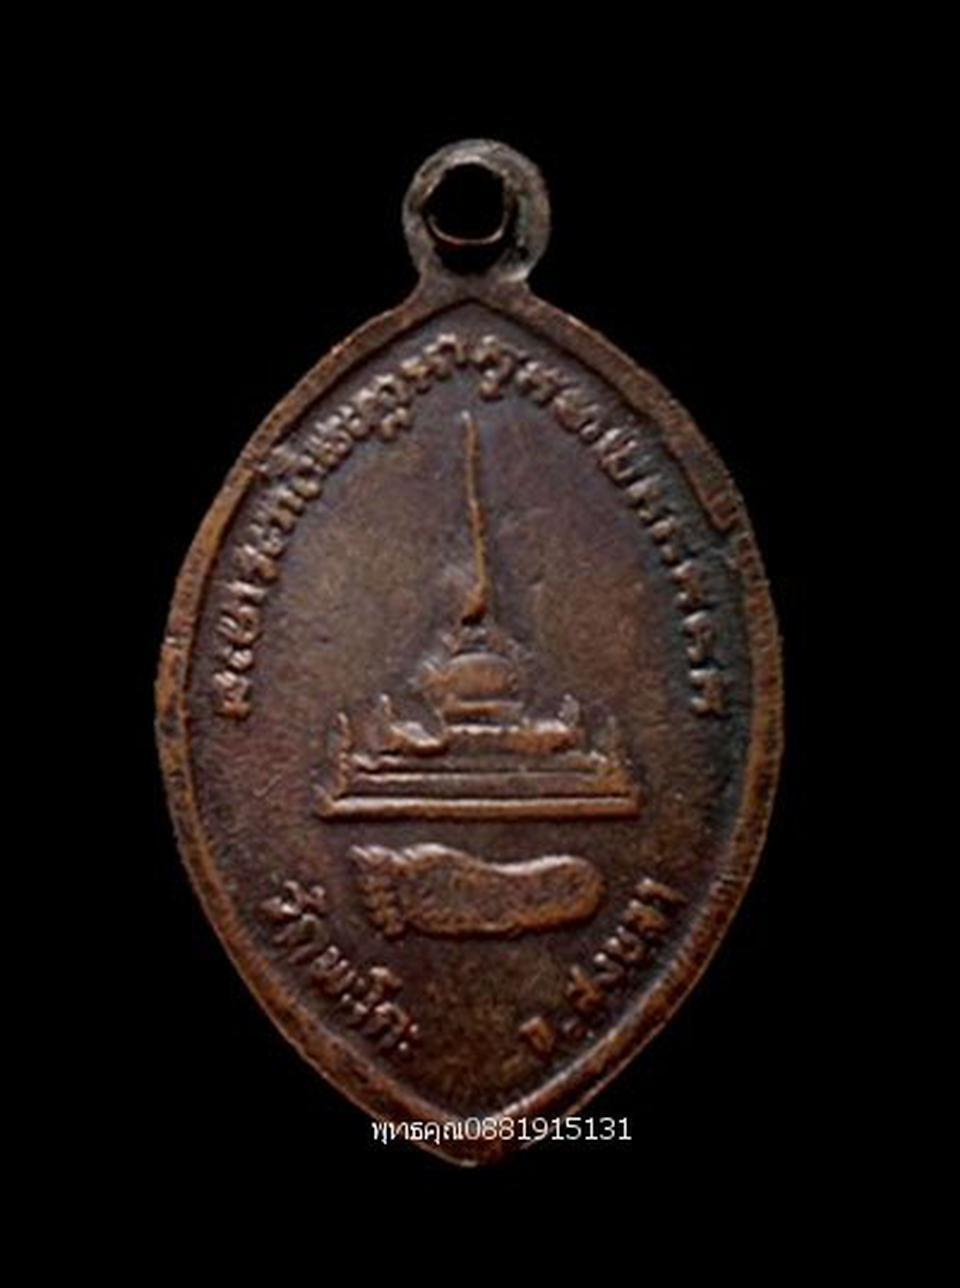 เหรียญหลวงปู่ทวดธุดงค์ วัดพะโคะ สงขลา รูปที่ 3